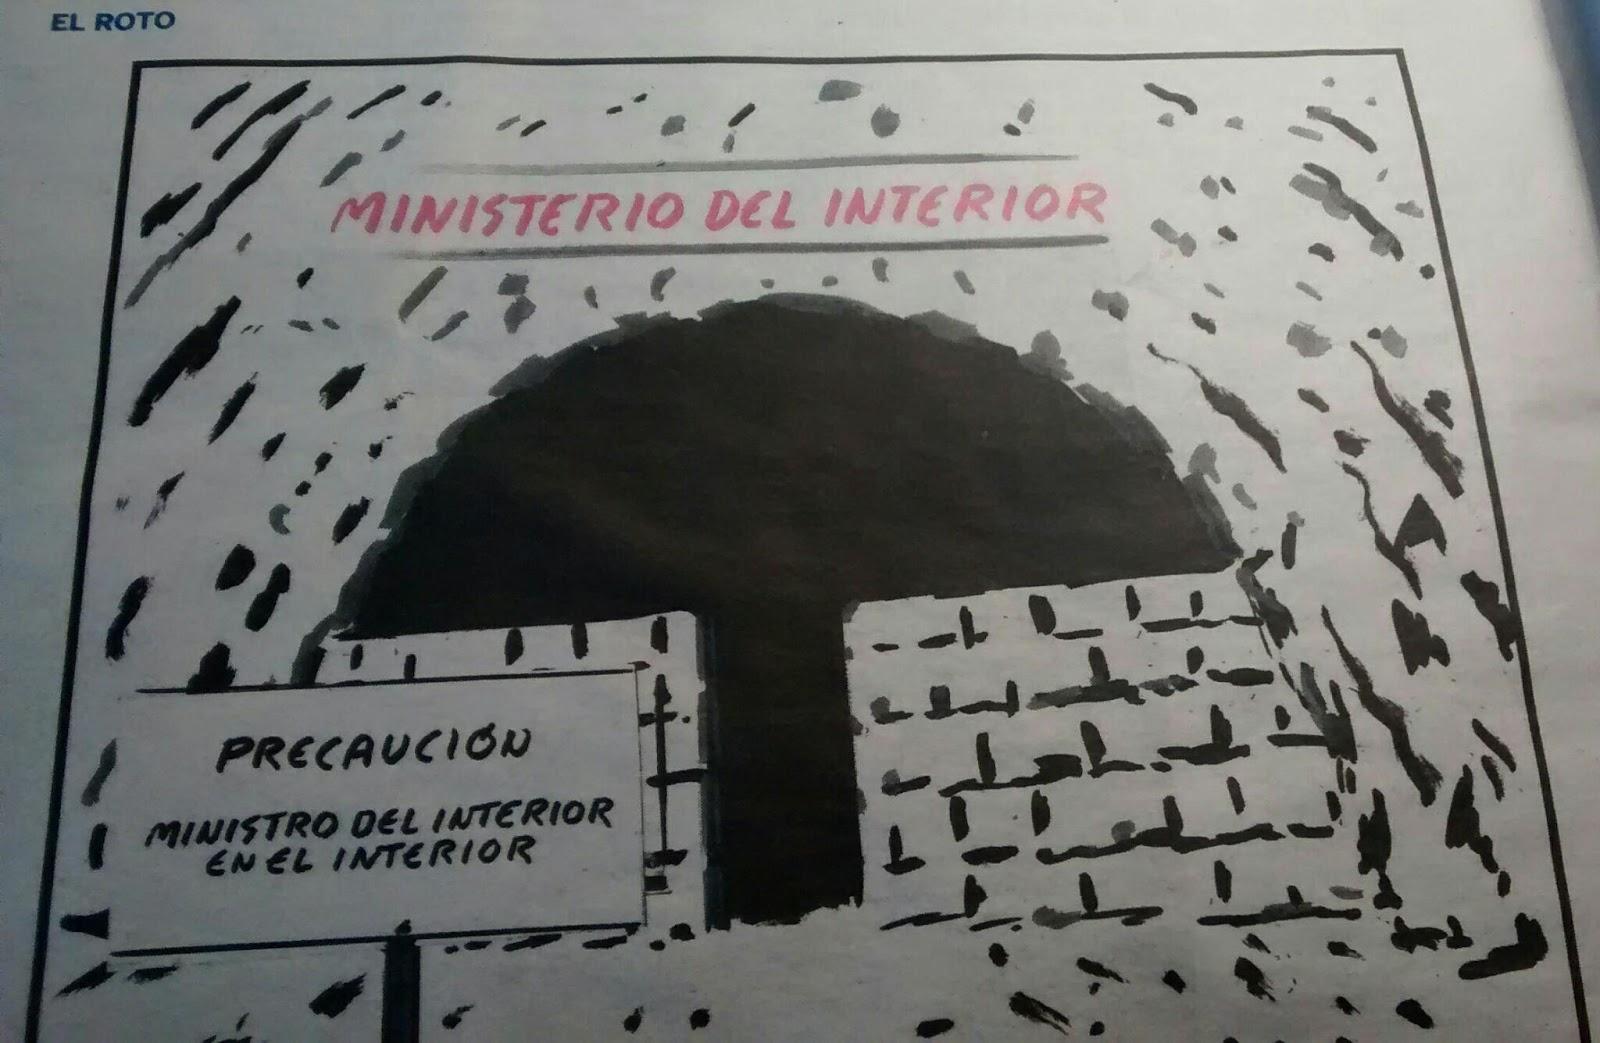 Todo es casi posible ministerio del interior de espa a for Ministerio del interior espana